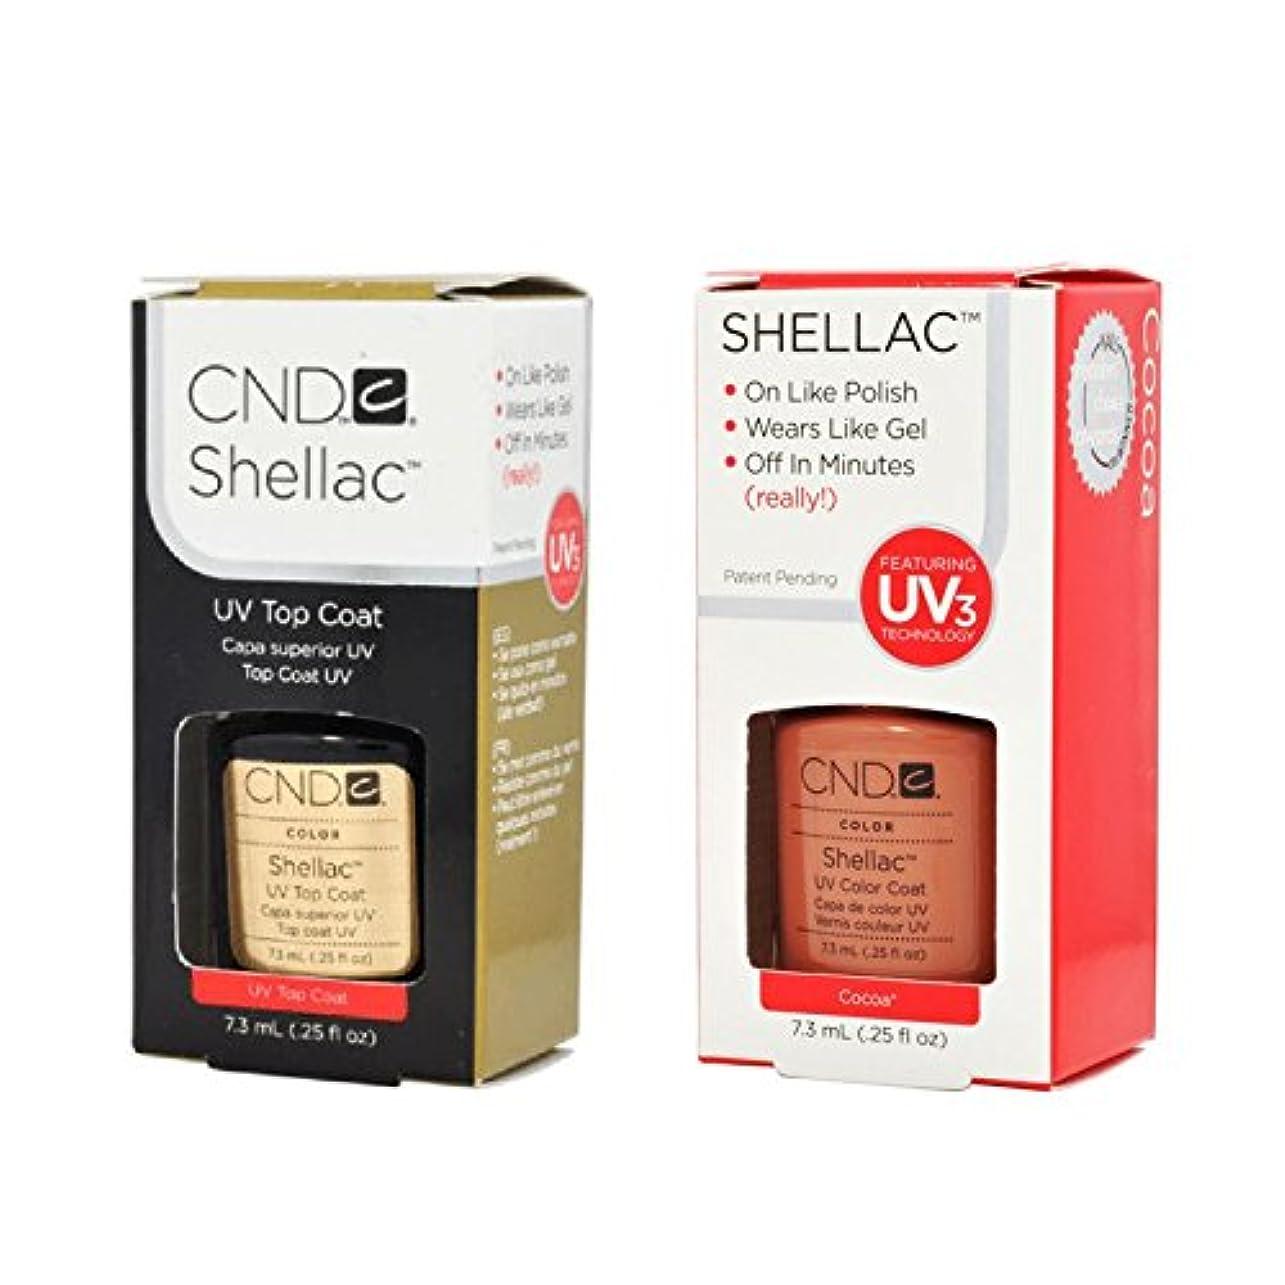 三番何もない月曜日CND Shellac UVトップコート 7.3m l  &  UV カラーコー< Cocoa > 7.3ml [海外直送品]